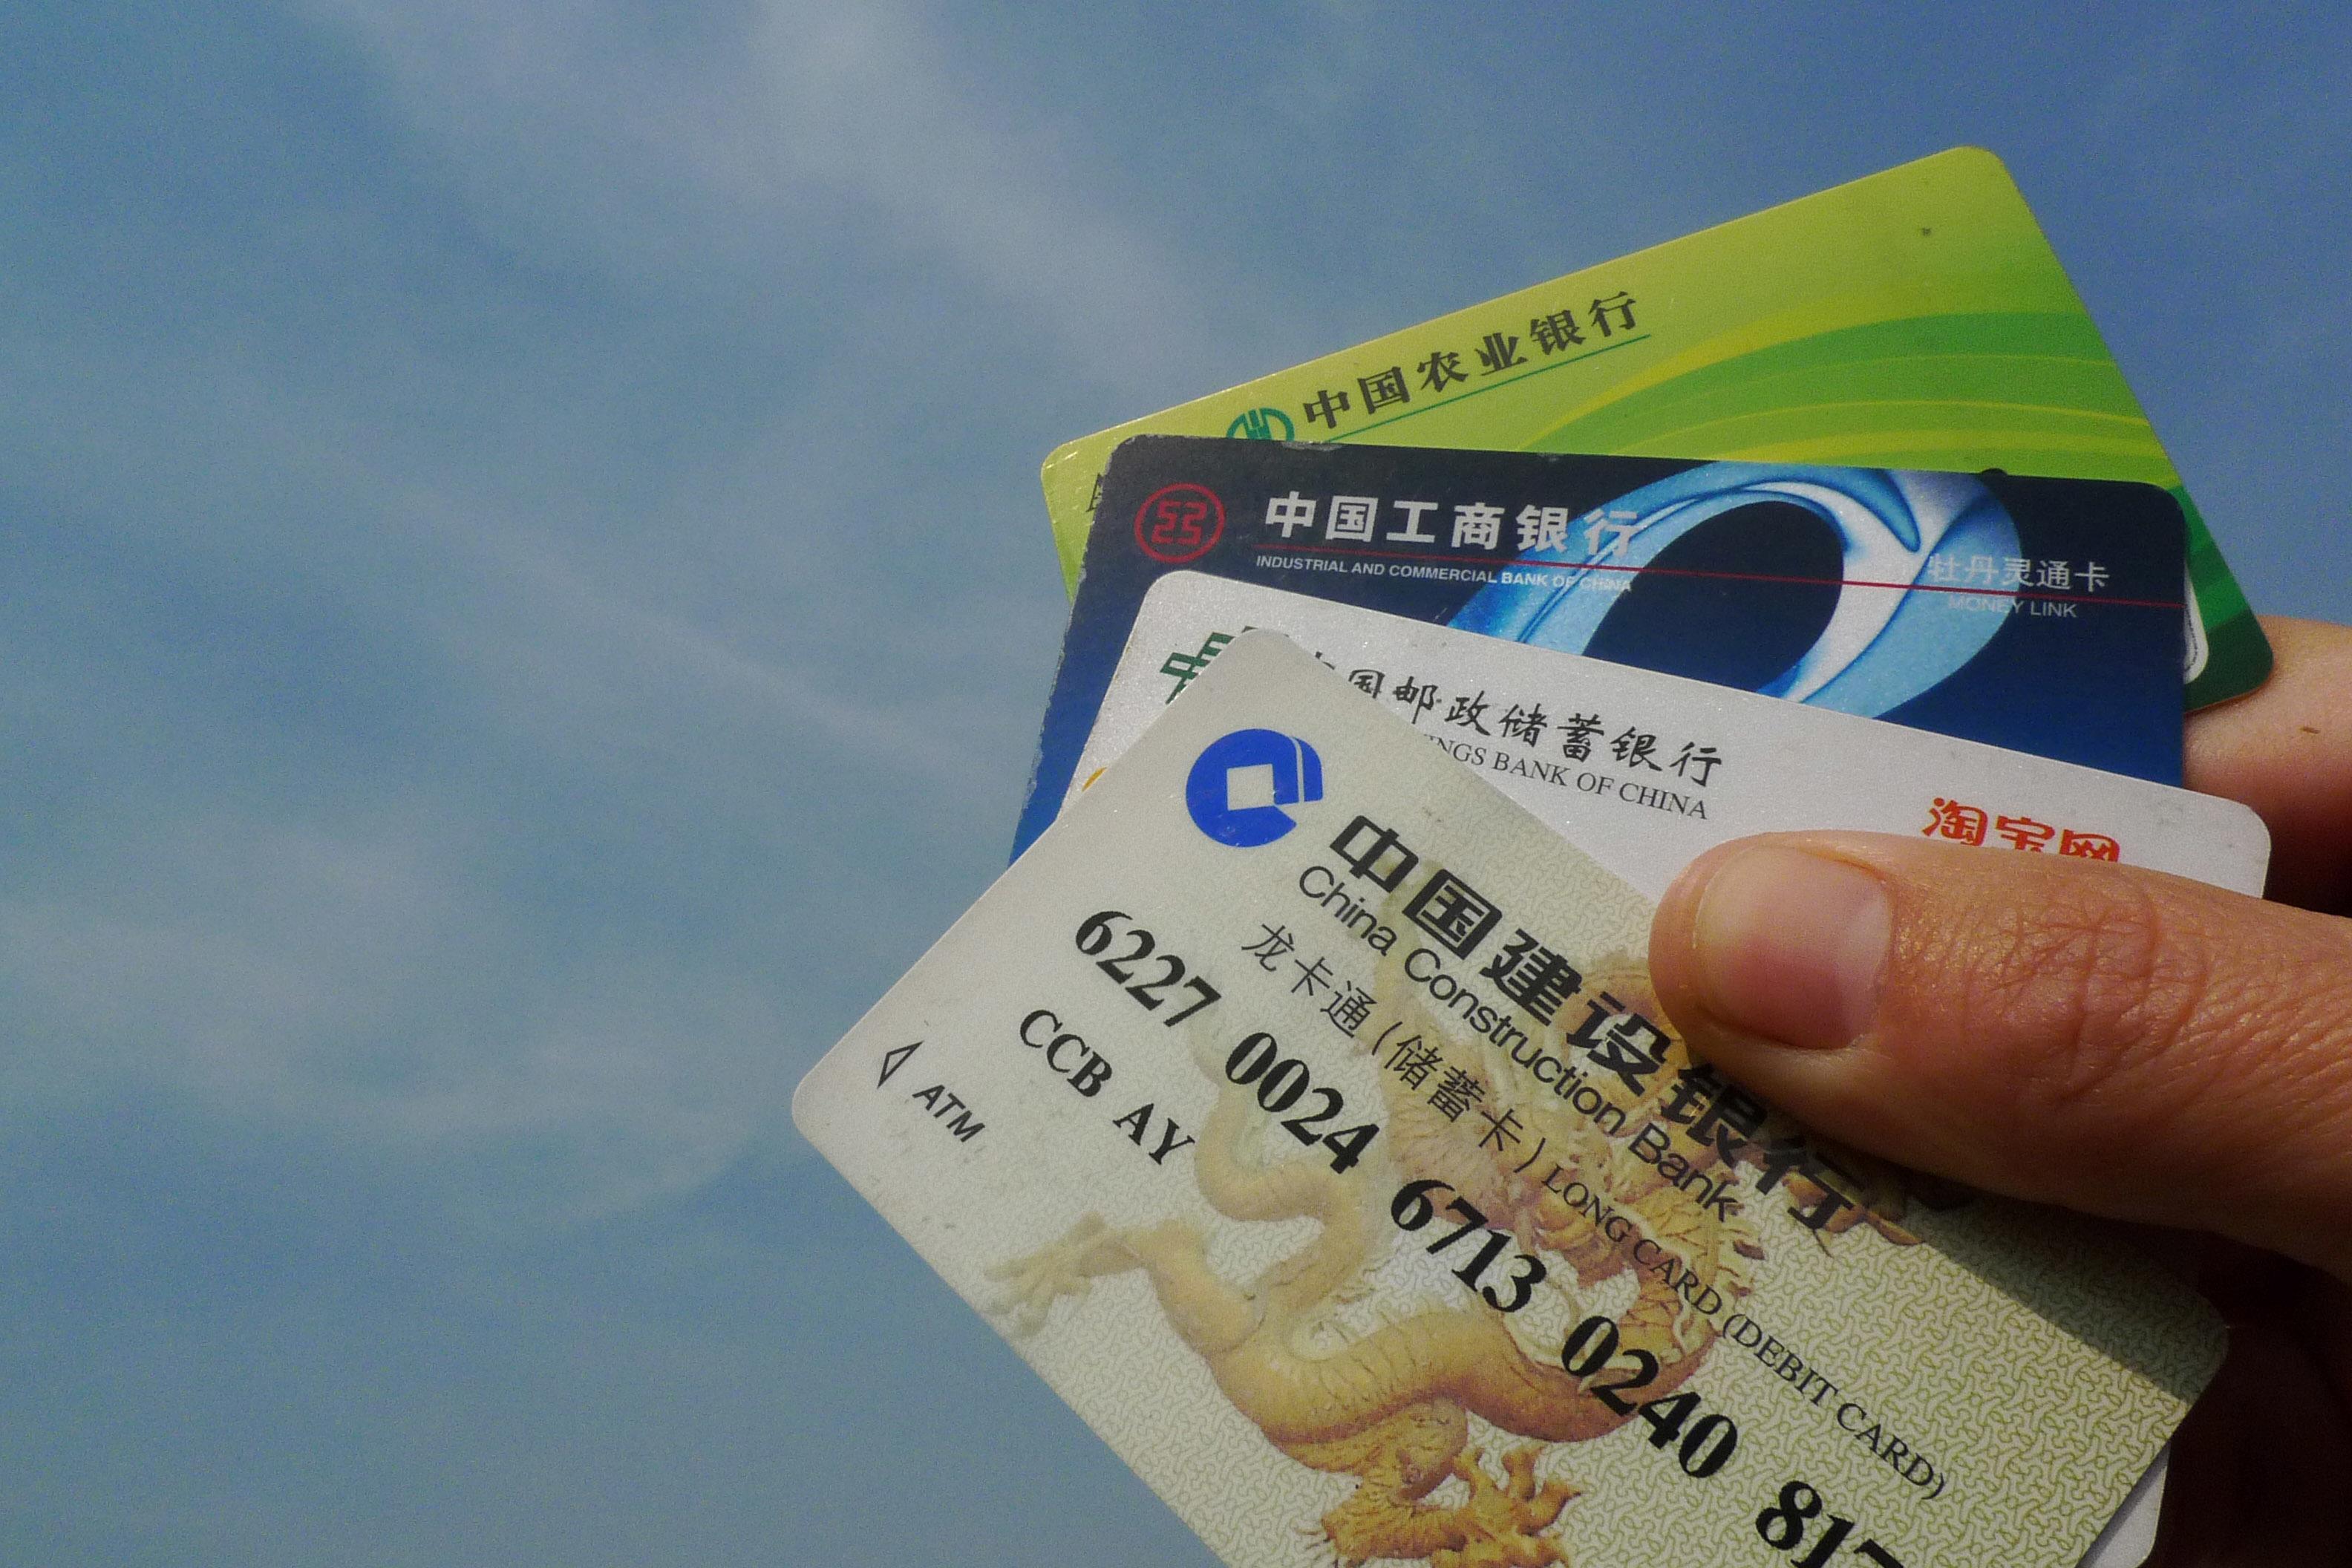 【政策】两高权威发布信用卡恶意透支政策重大调整!由1w提高到5w!